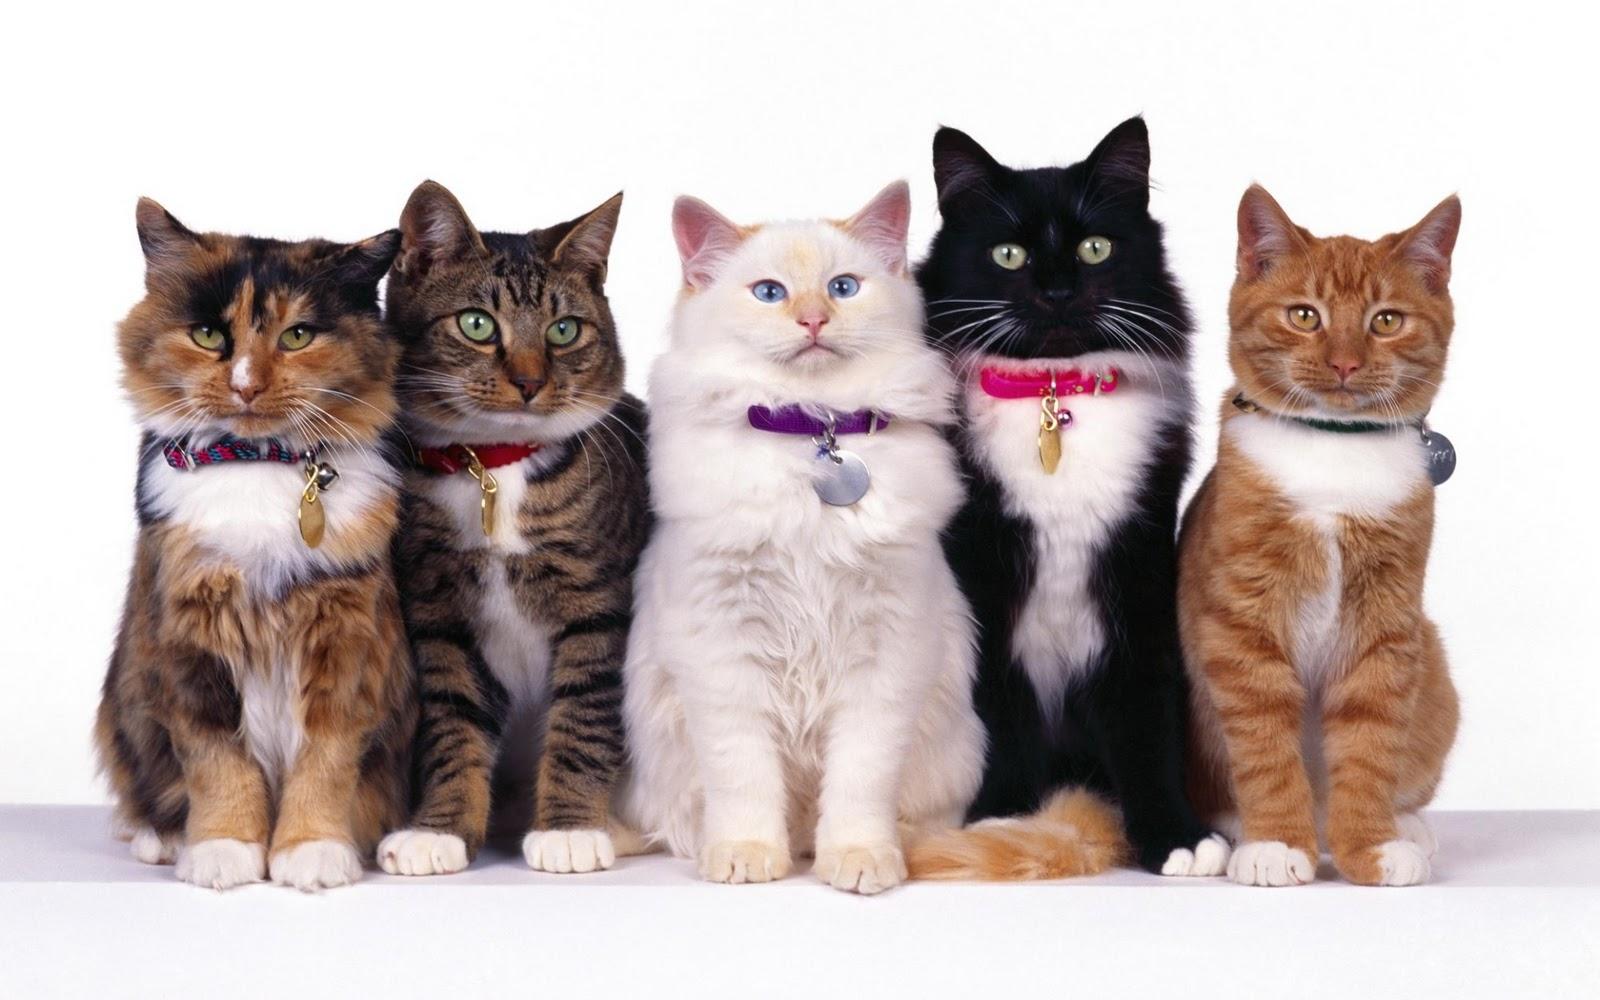 Comel giler group kucing ini Rasa macam hendak bela semua sekali jek 1600x1000